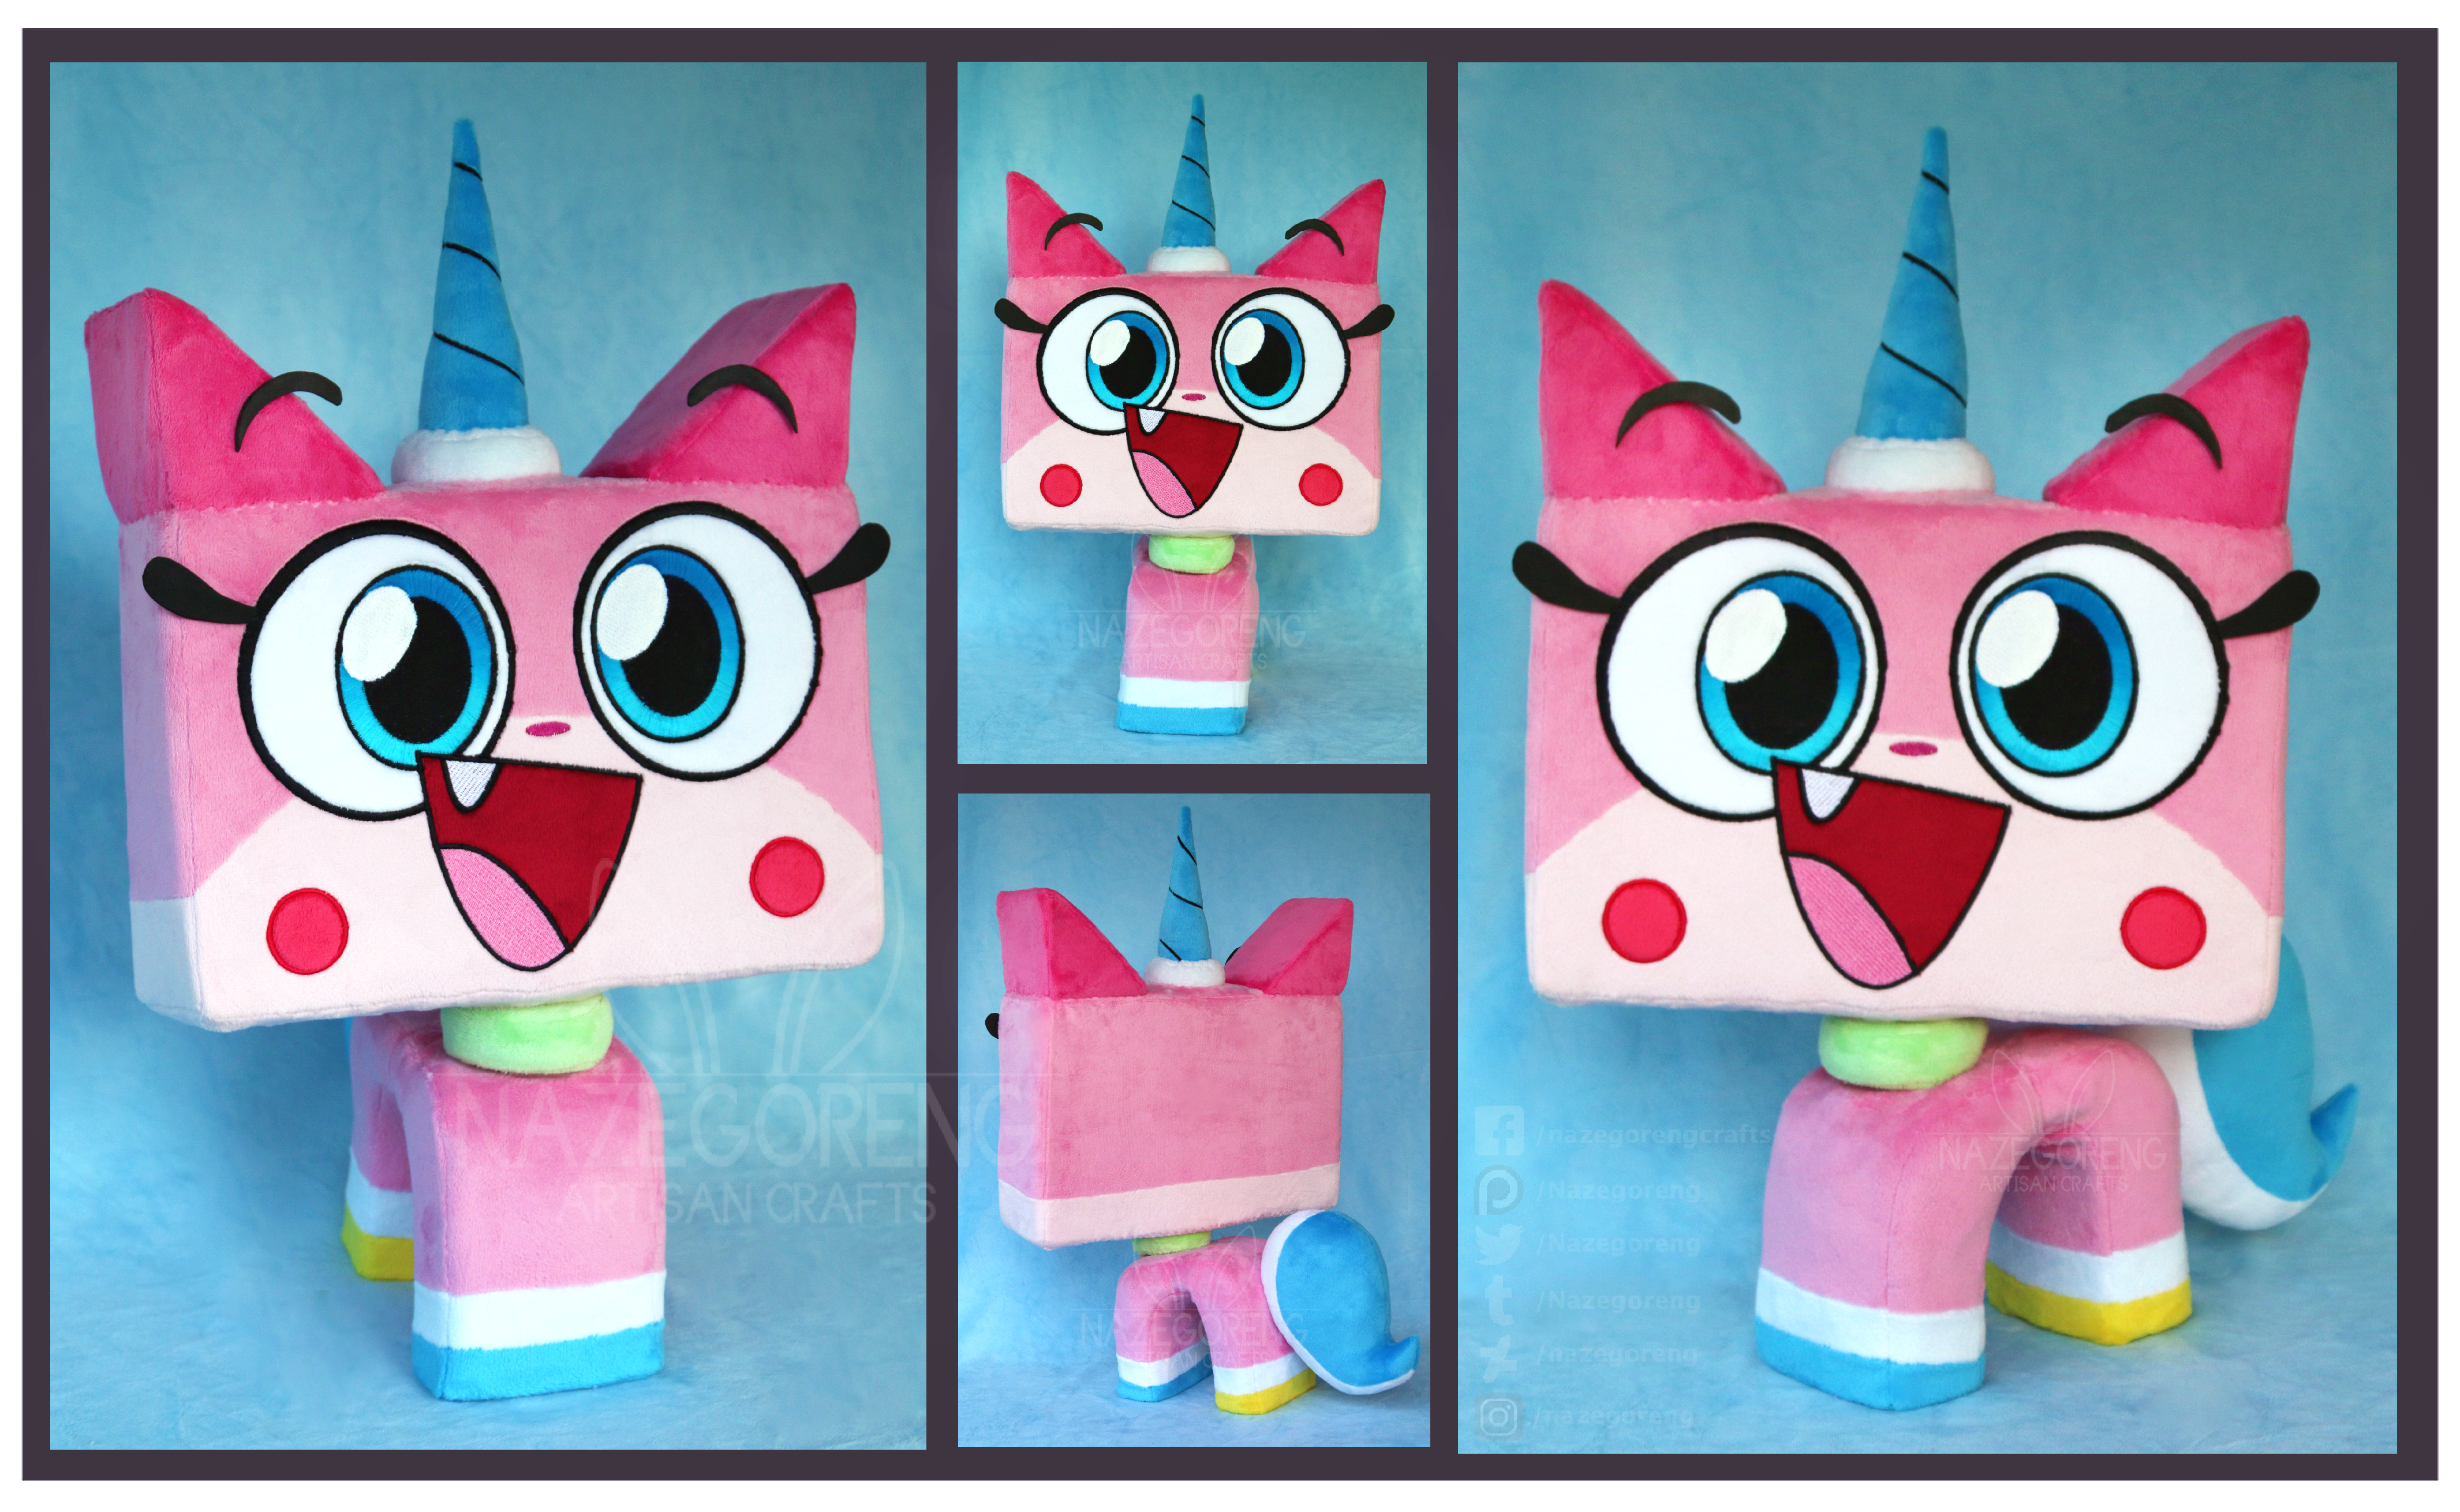 Princess Unikitty Custom Plush